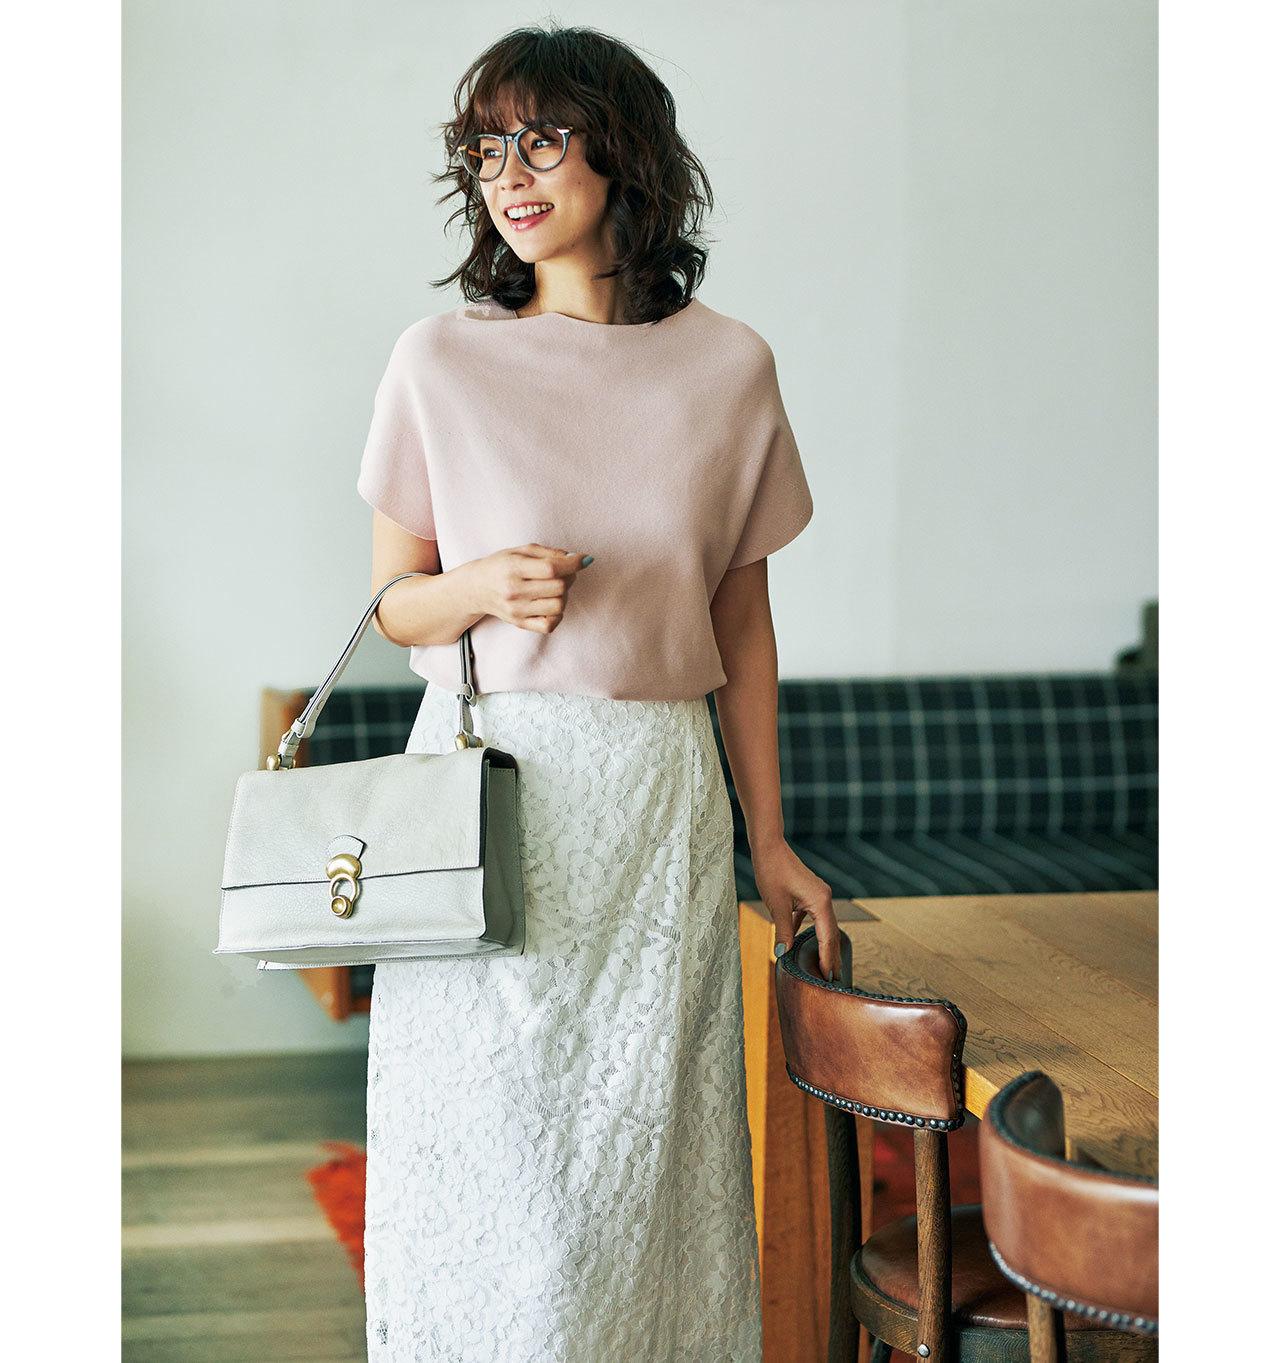 40代の「おしゃれになりたい」をかなえるファッションブランドは? 注目したいアイテムは? | アラフォーファッション_1_8